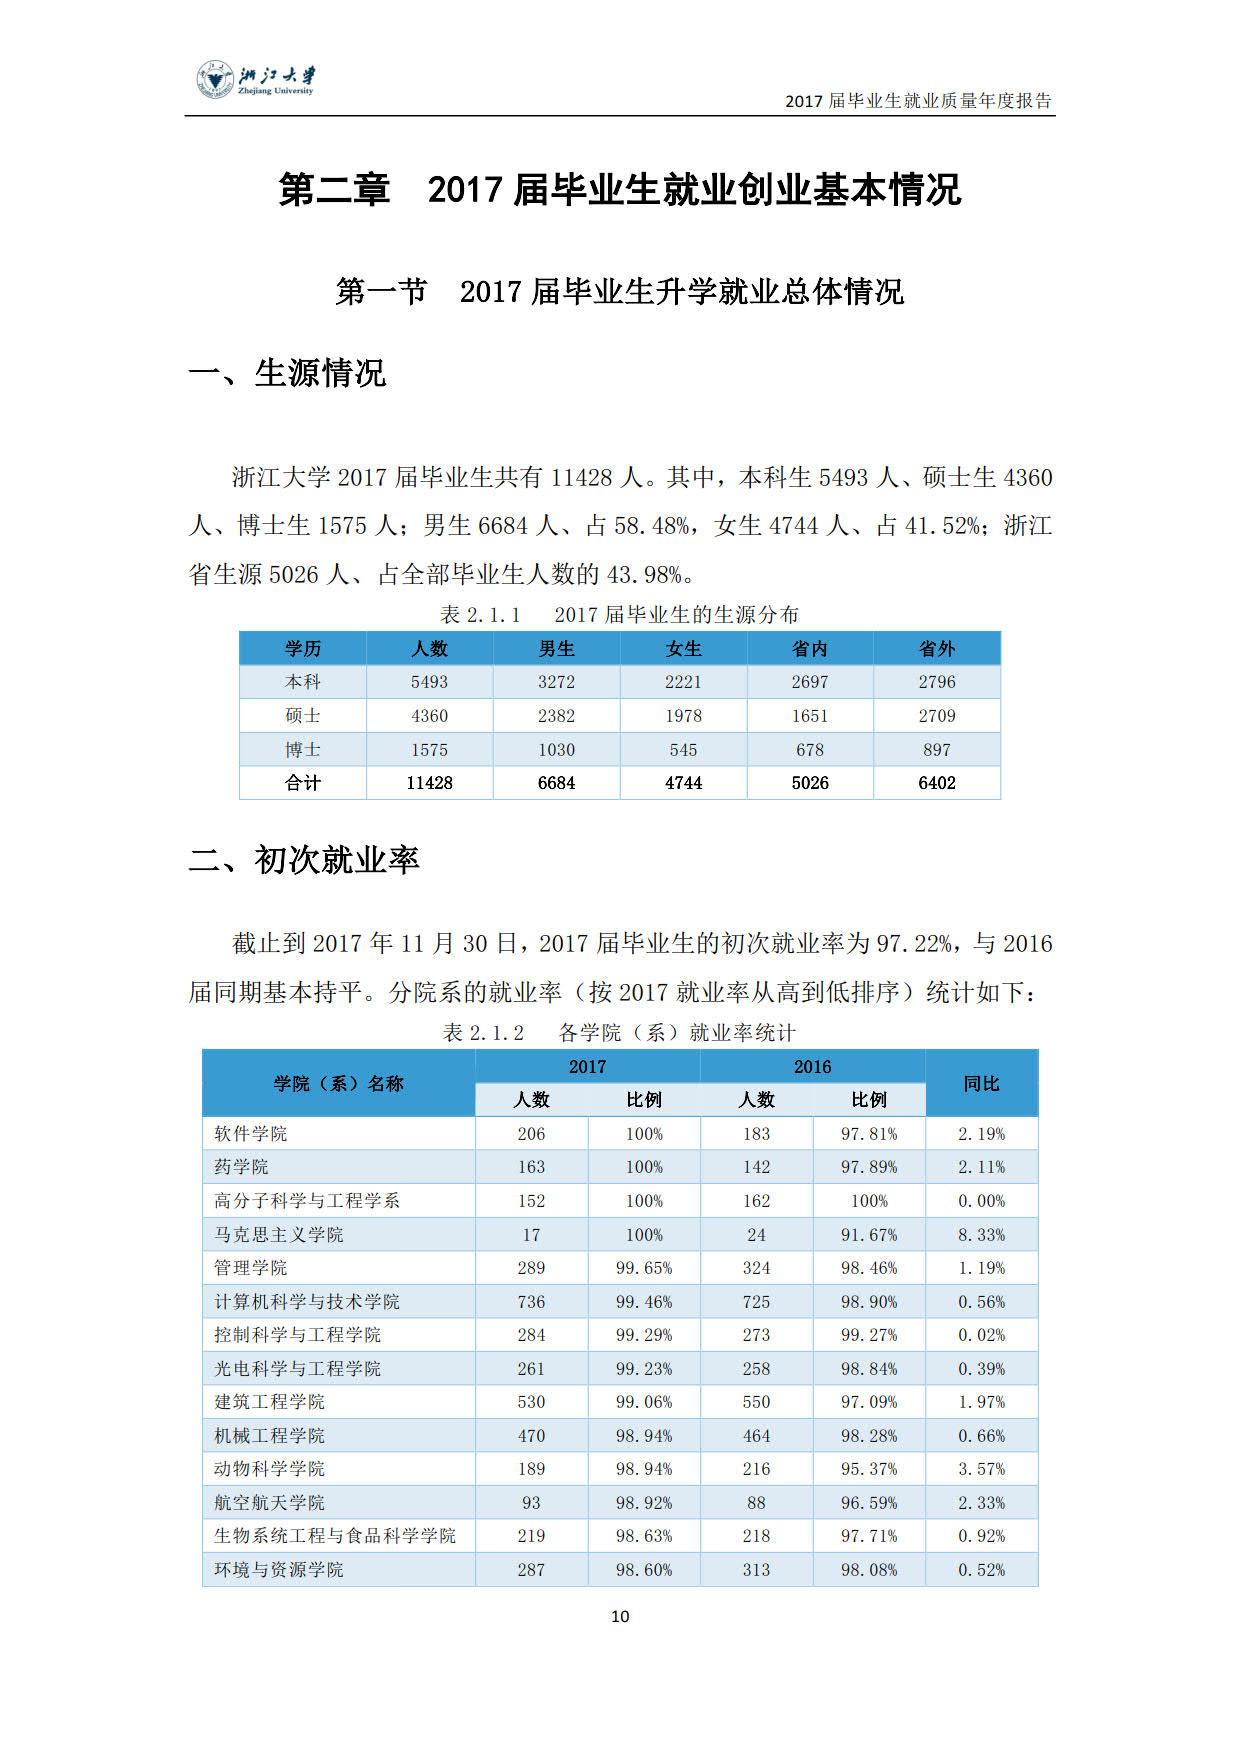 浙江大学2017届本科毕业生最终就业情况统计表